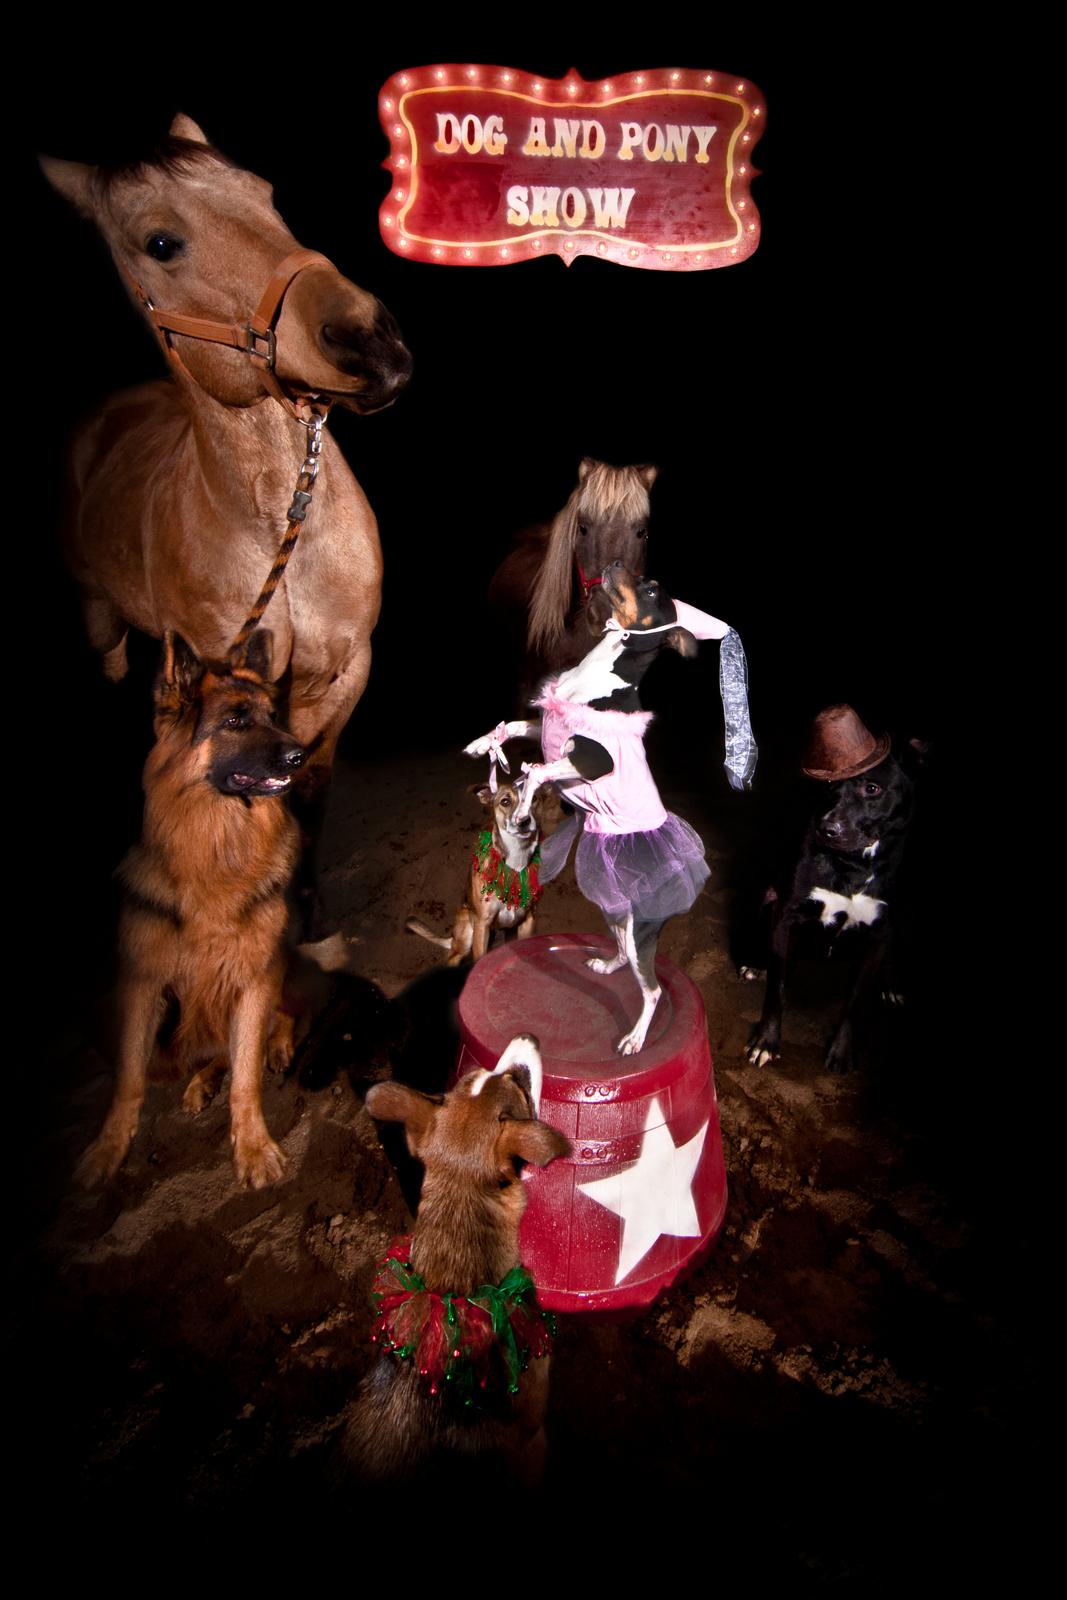 Dog and Pony Show Brandon Engel Color Print 24X36  300